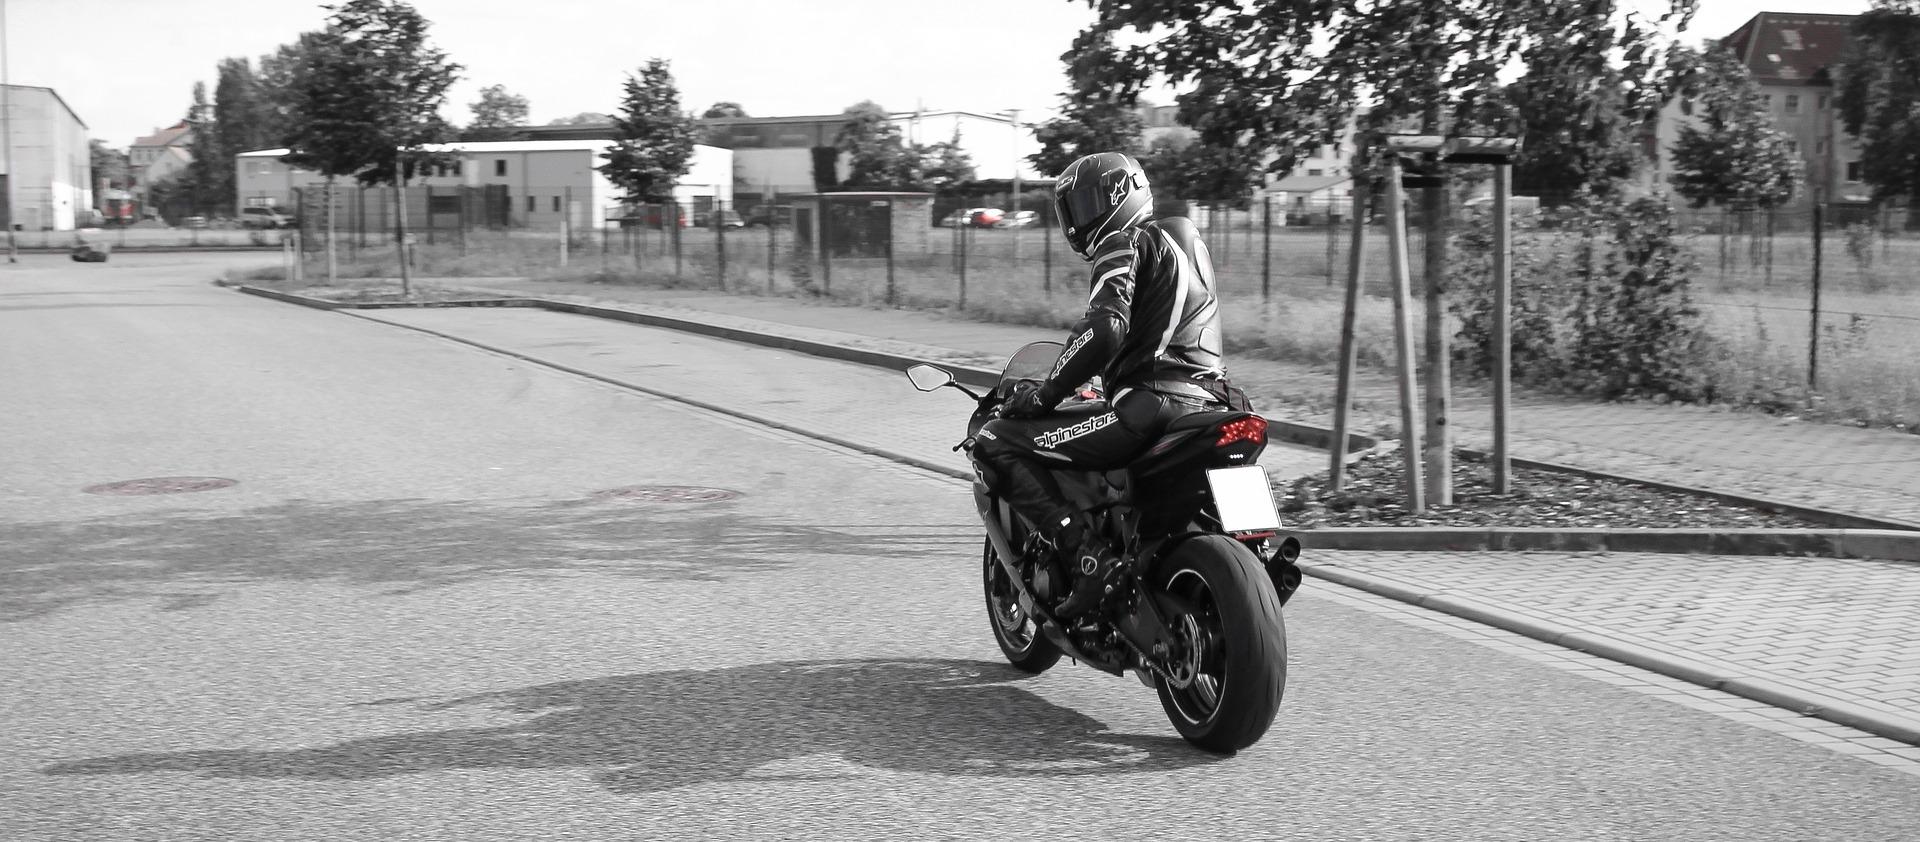 【バイク転倒】25年間バイクに乗ってきた痛~い転倒の思い出?